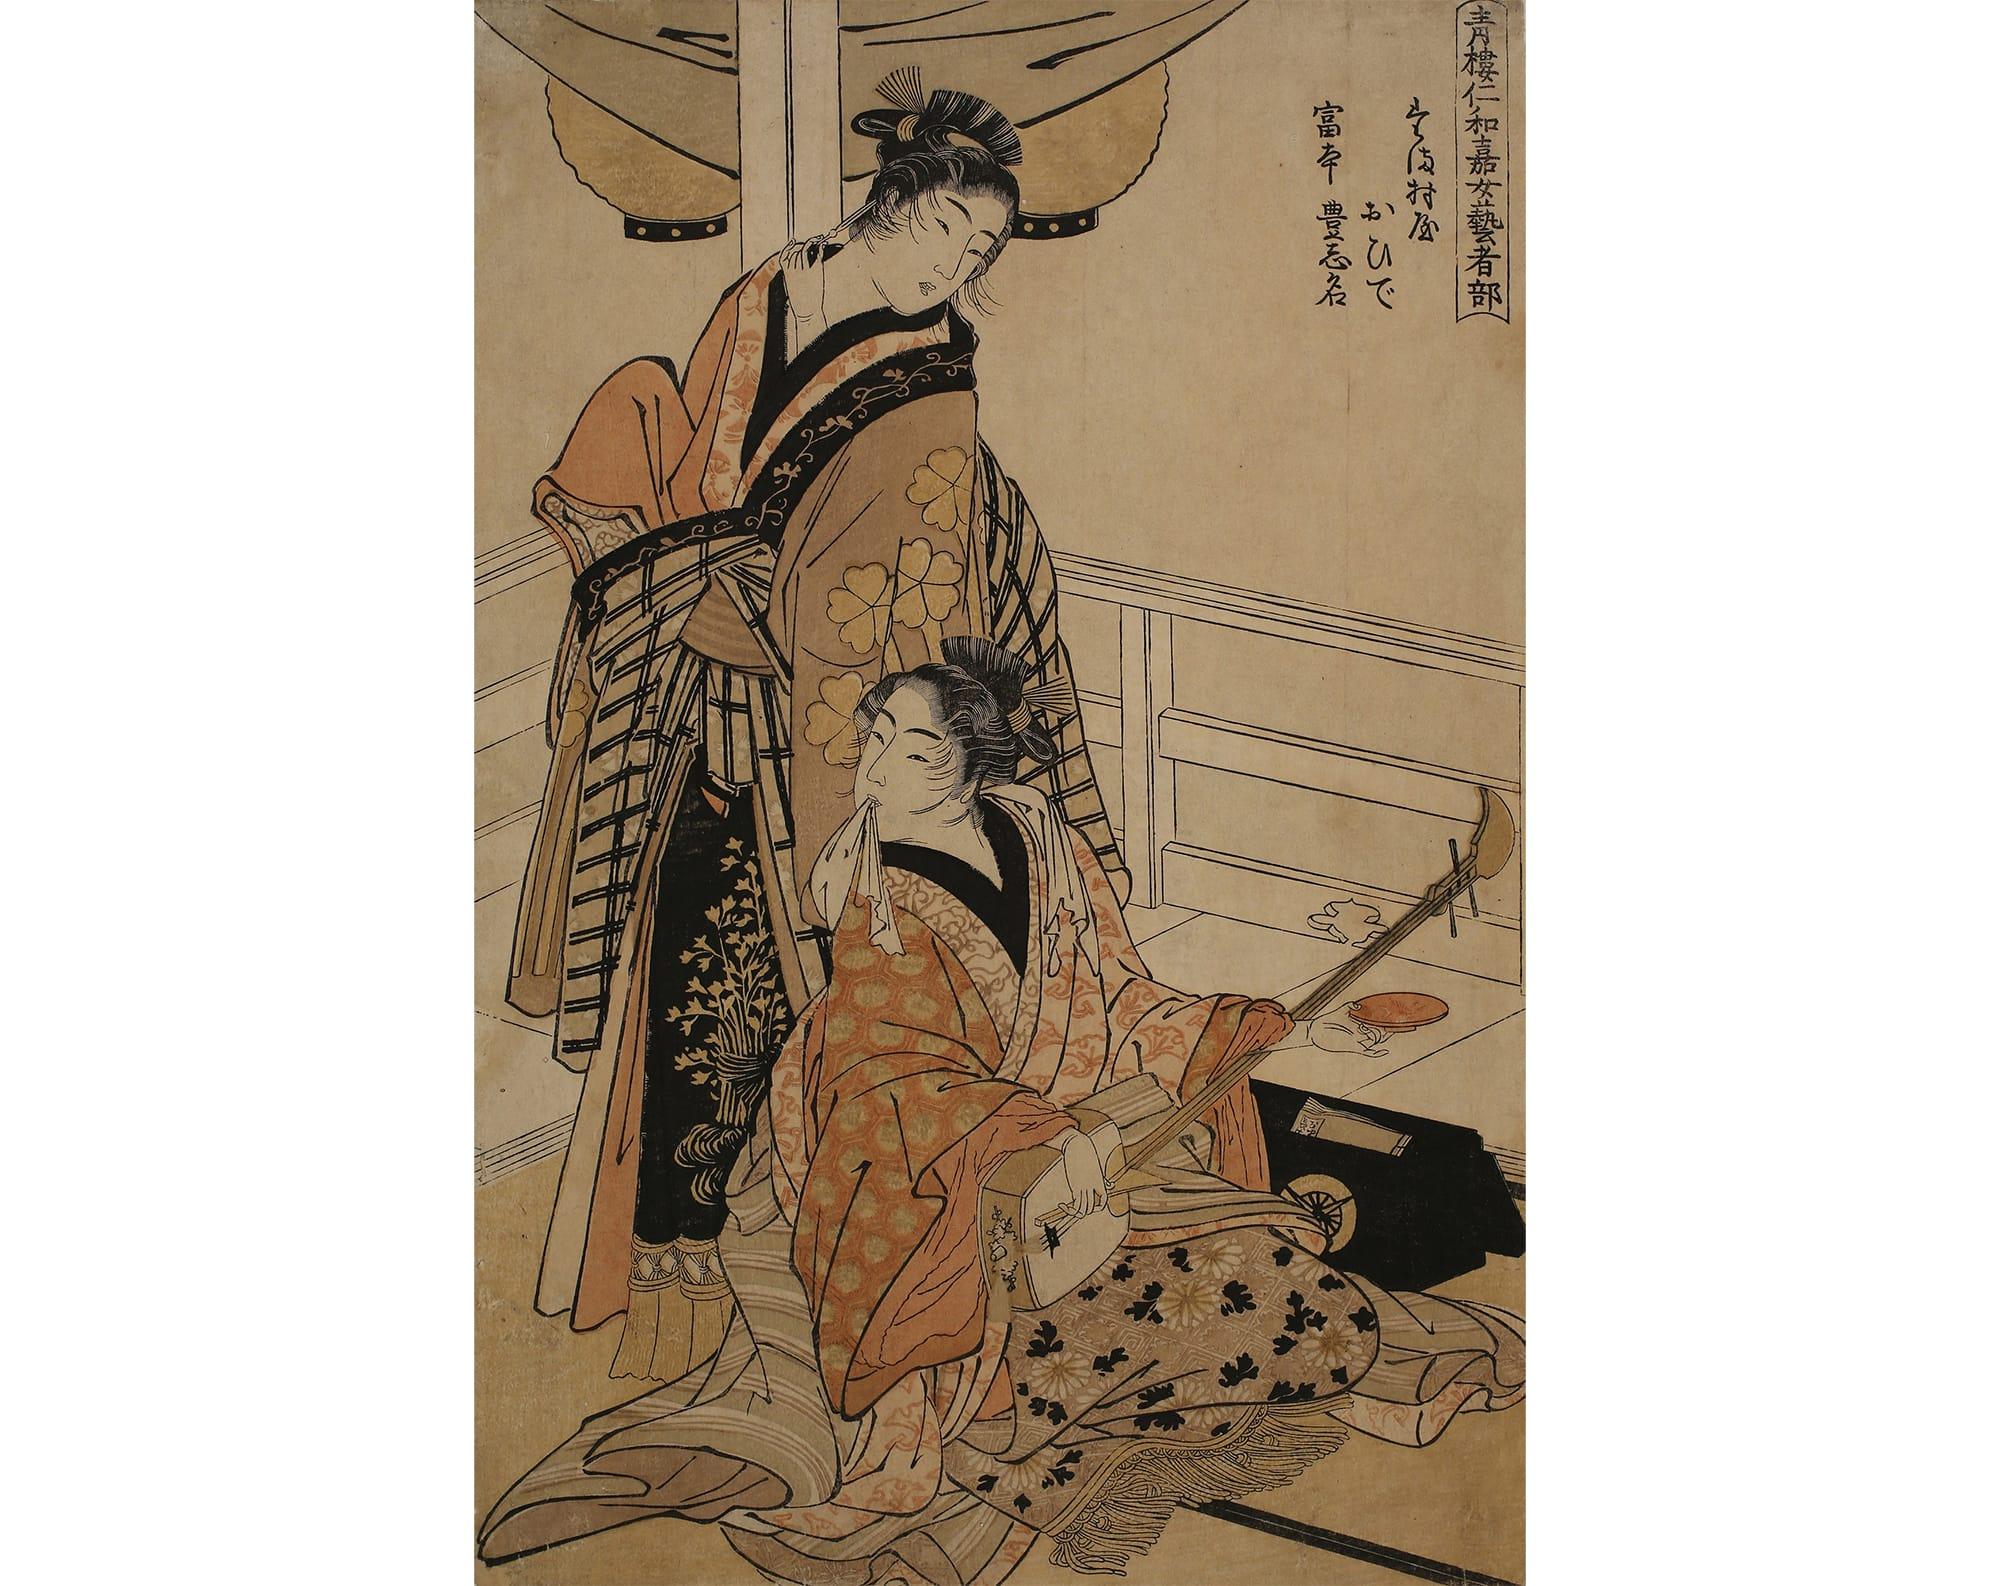 喜多川歌麿「青樓仁和嘉女藝妓部 TAMA村屋OHITE 富本豐志名」大幅 錦繪 天明3年(1783)日本浮世繪博物館 「美人畫」摹繪許多當時作為時尚領導者,一般平民所憧憬的游女或藝妓的曼妙姿態。